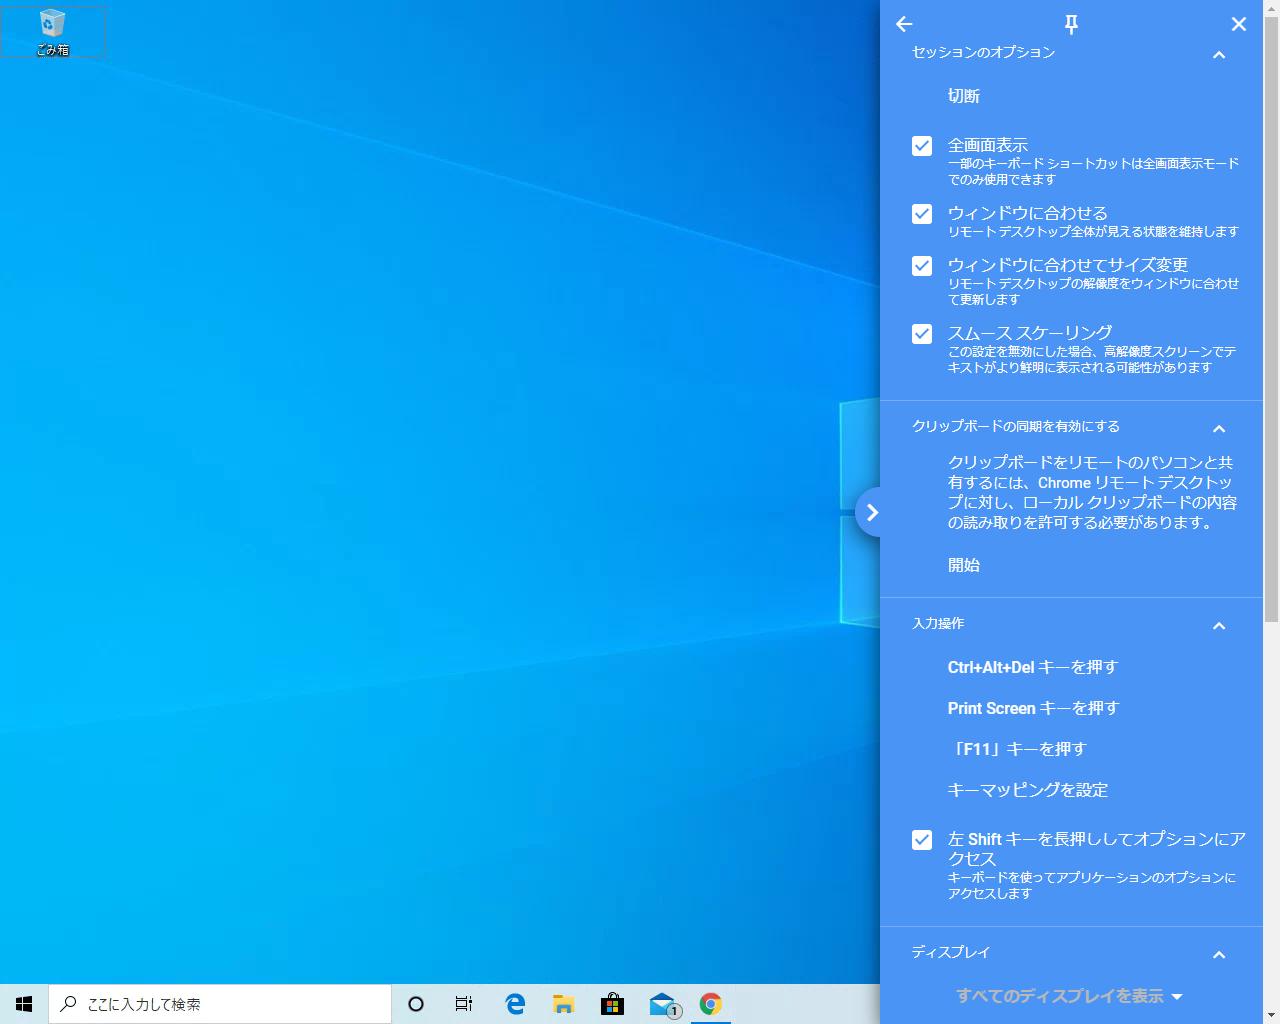 【テレワークに便利】Chromeリモートデスクトップの使い方。職場のPCを自宅から遠隔操作できる